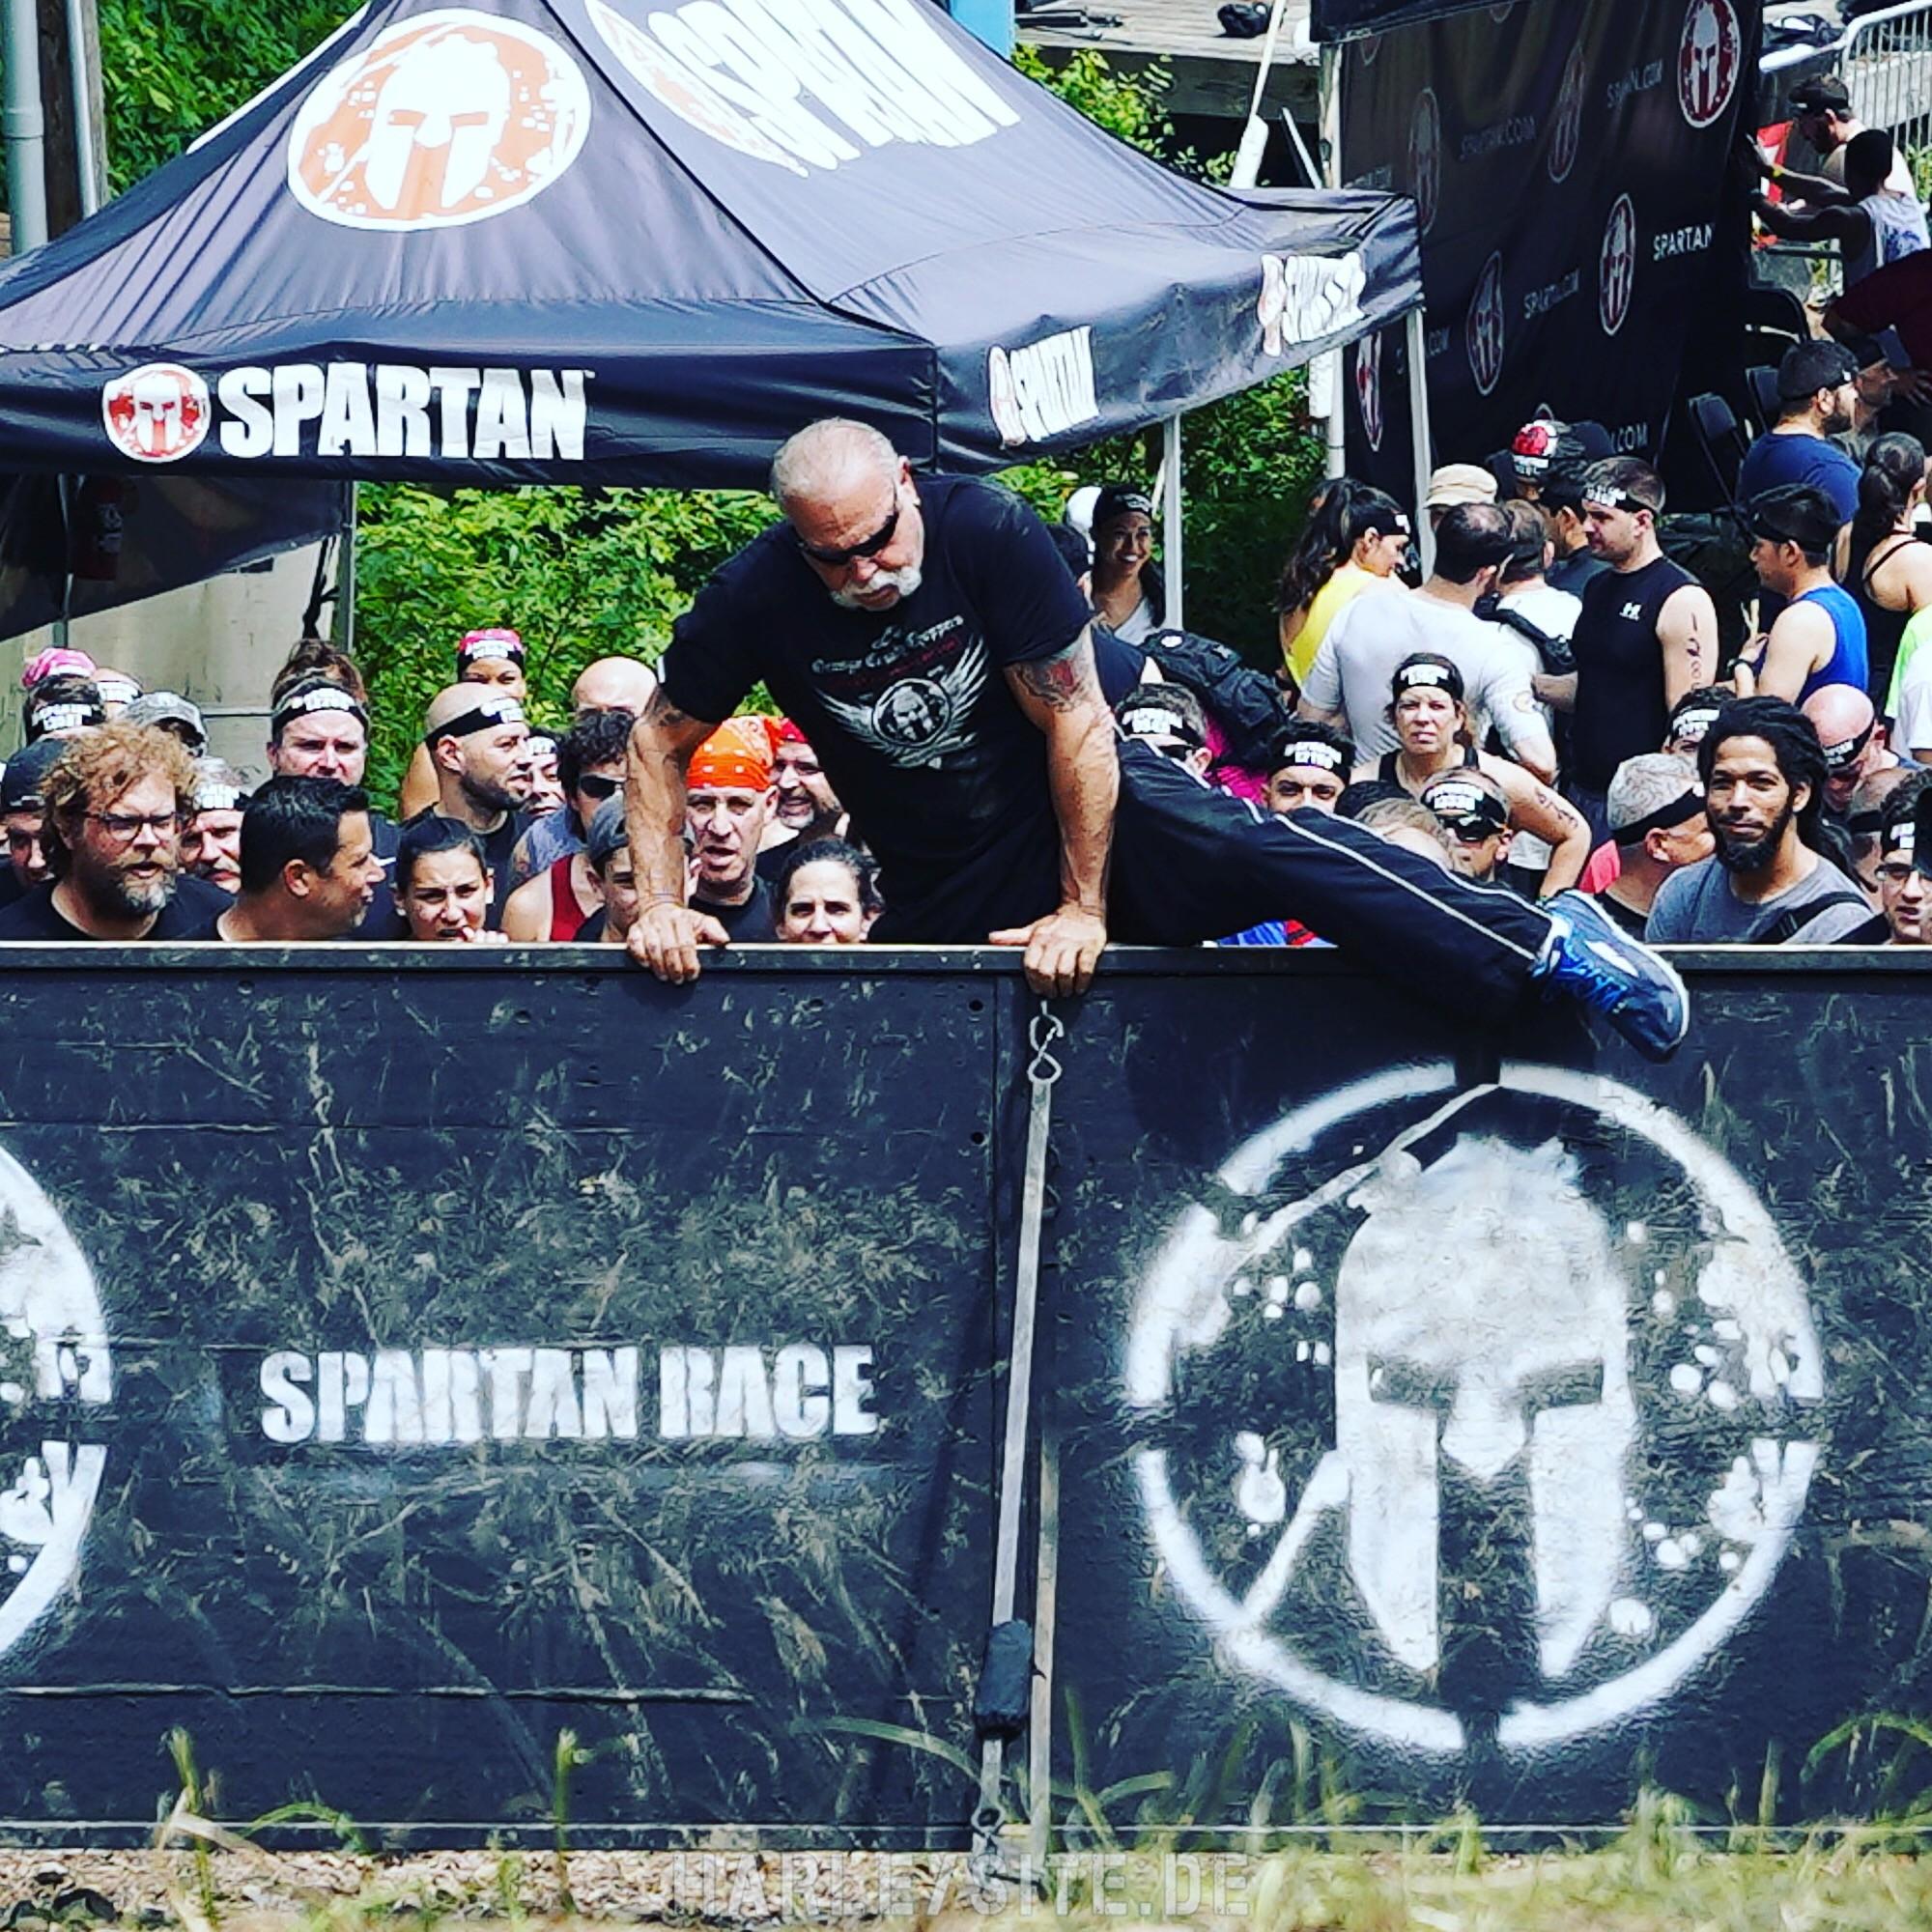 Das Foto zeigt Paul Teutul Sr. beim Spartan Race